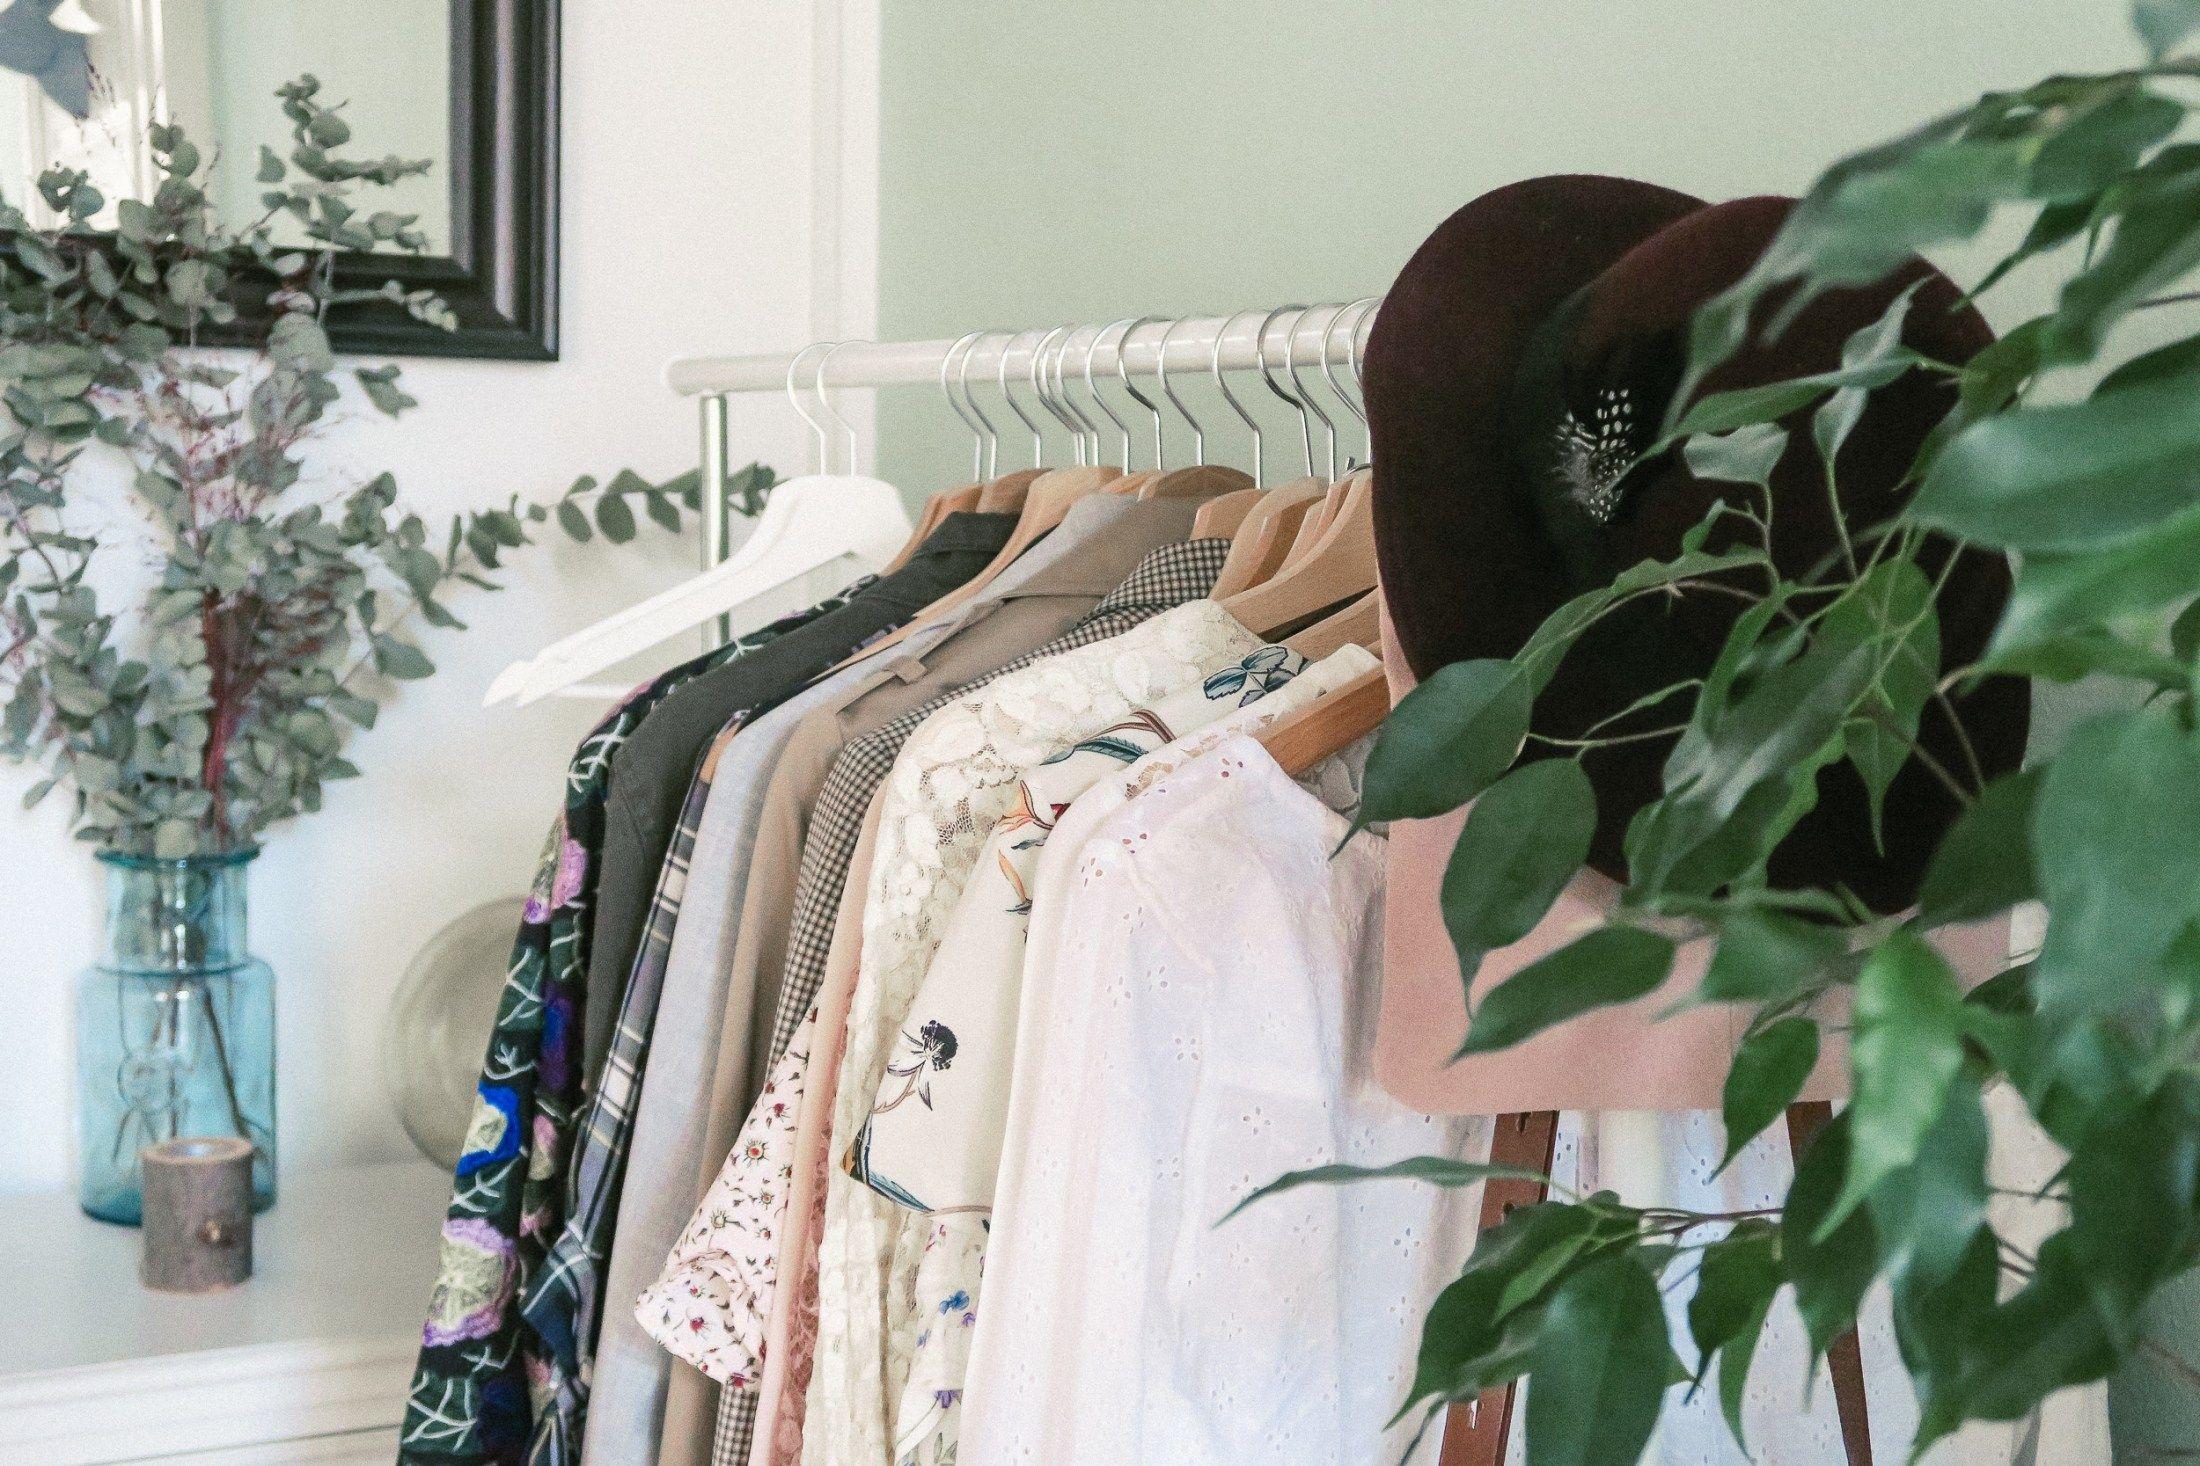 Les essentiels de la garde-robe #1 vos basiques - Sleepy Kate